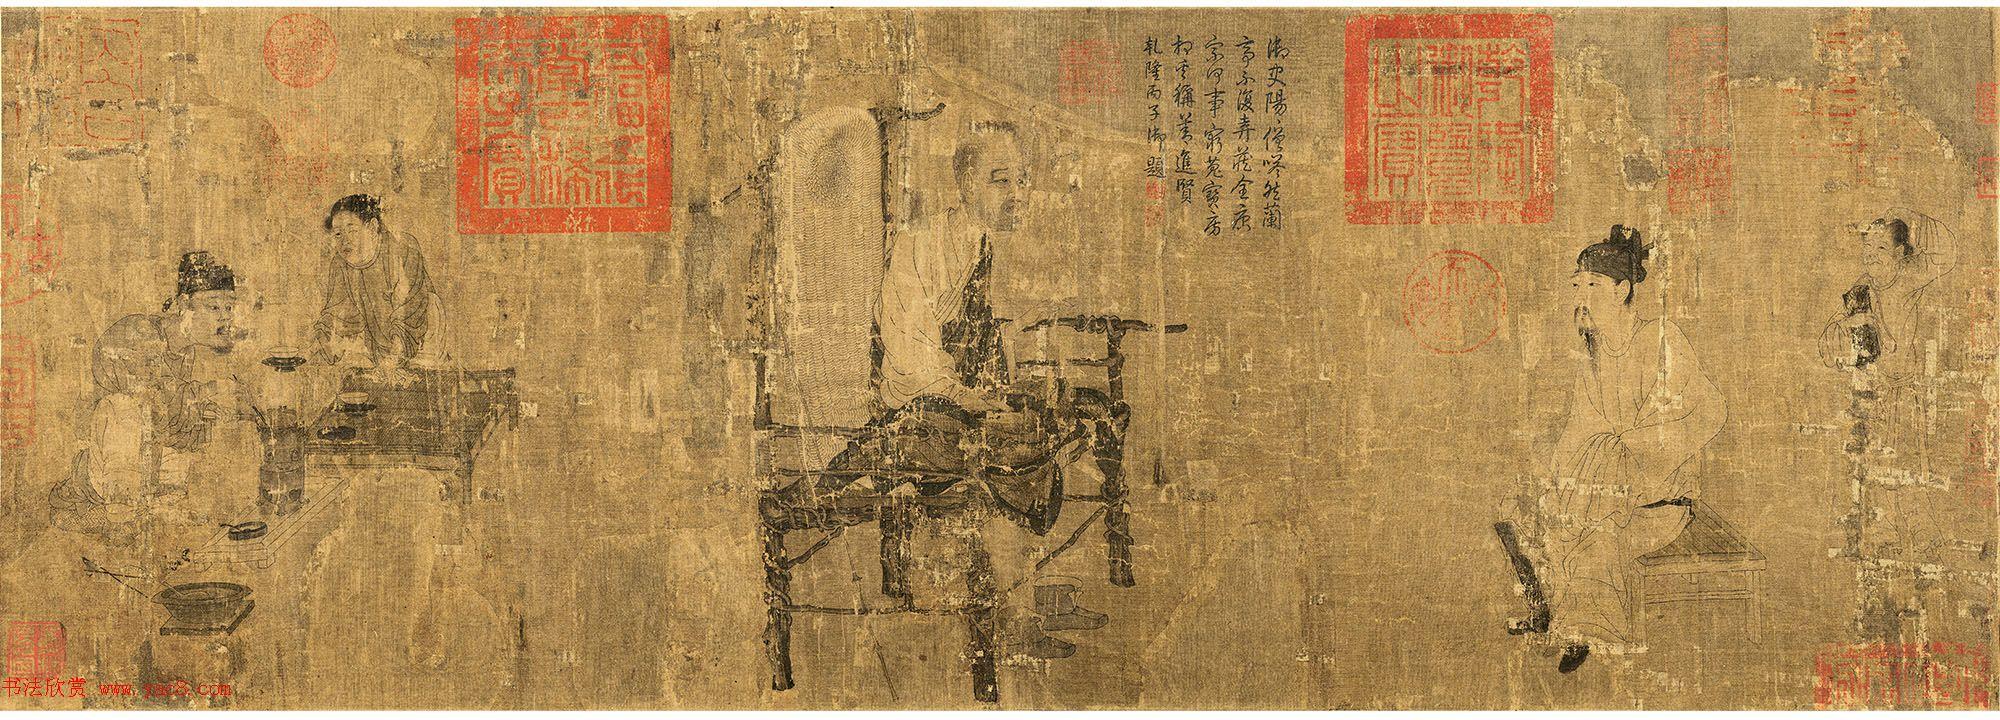 唐代画家阎立本绘《萧翼赚兰亭序》